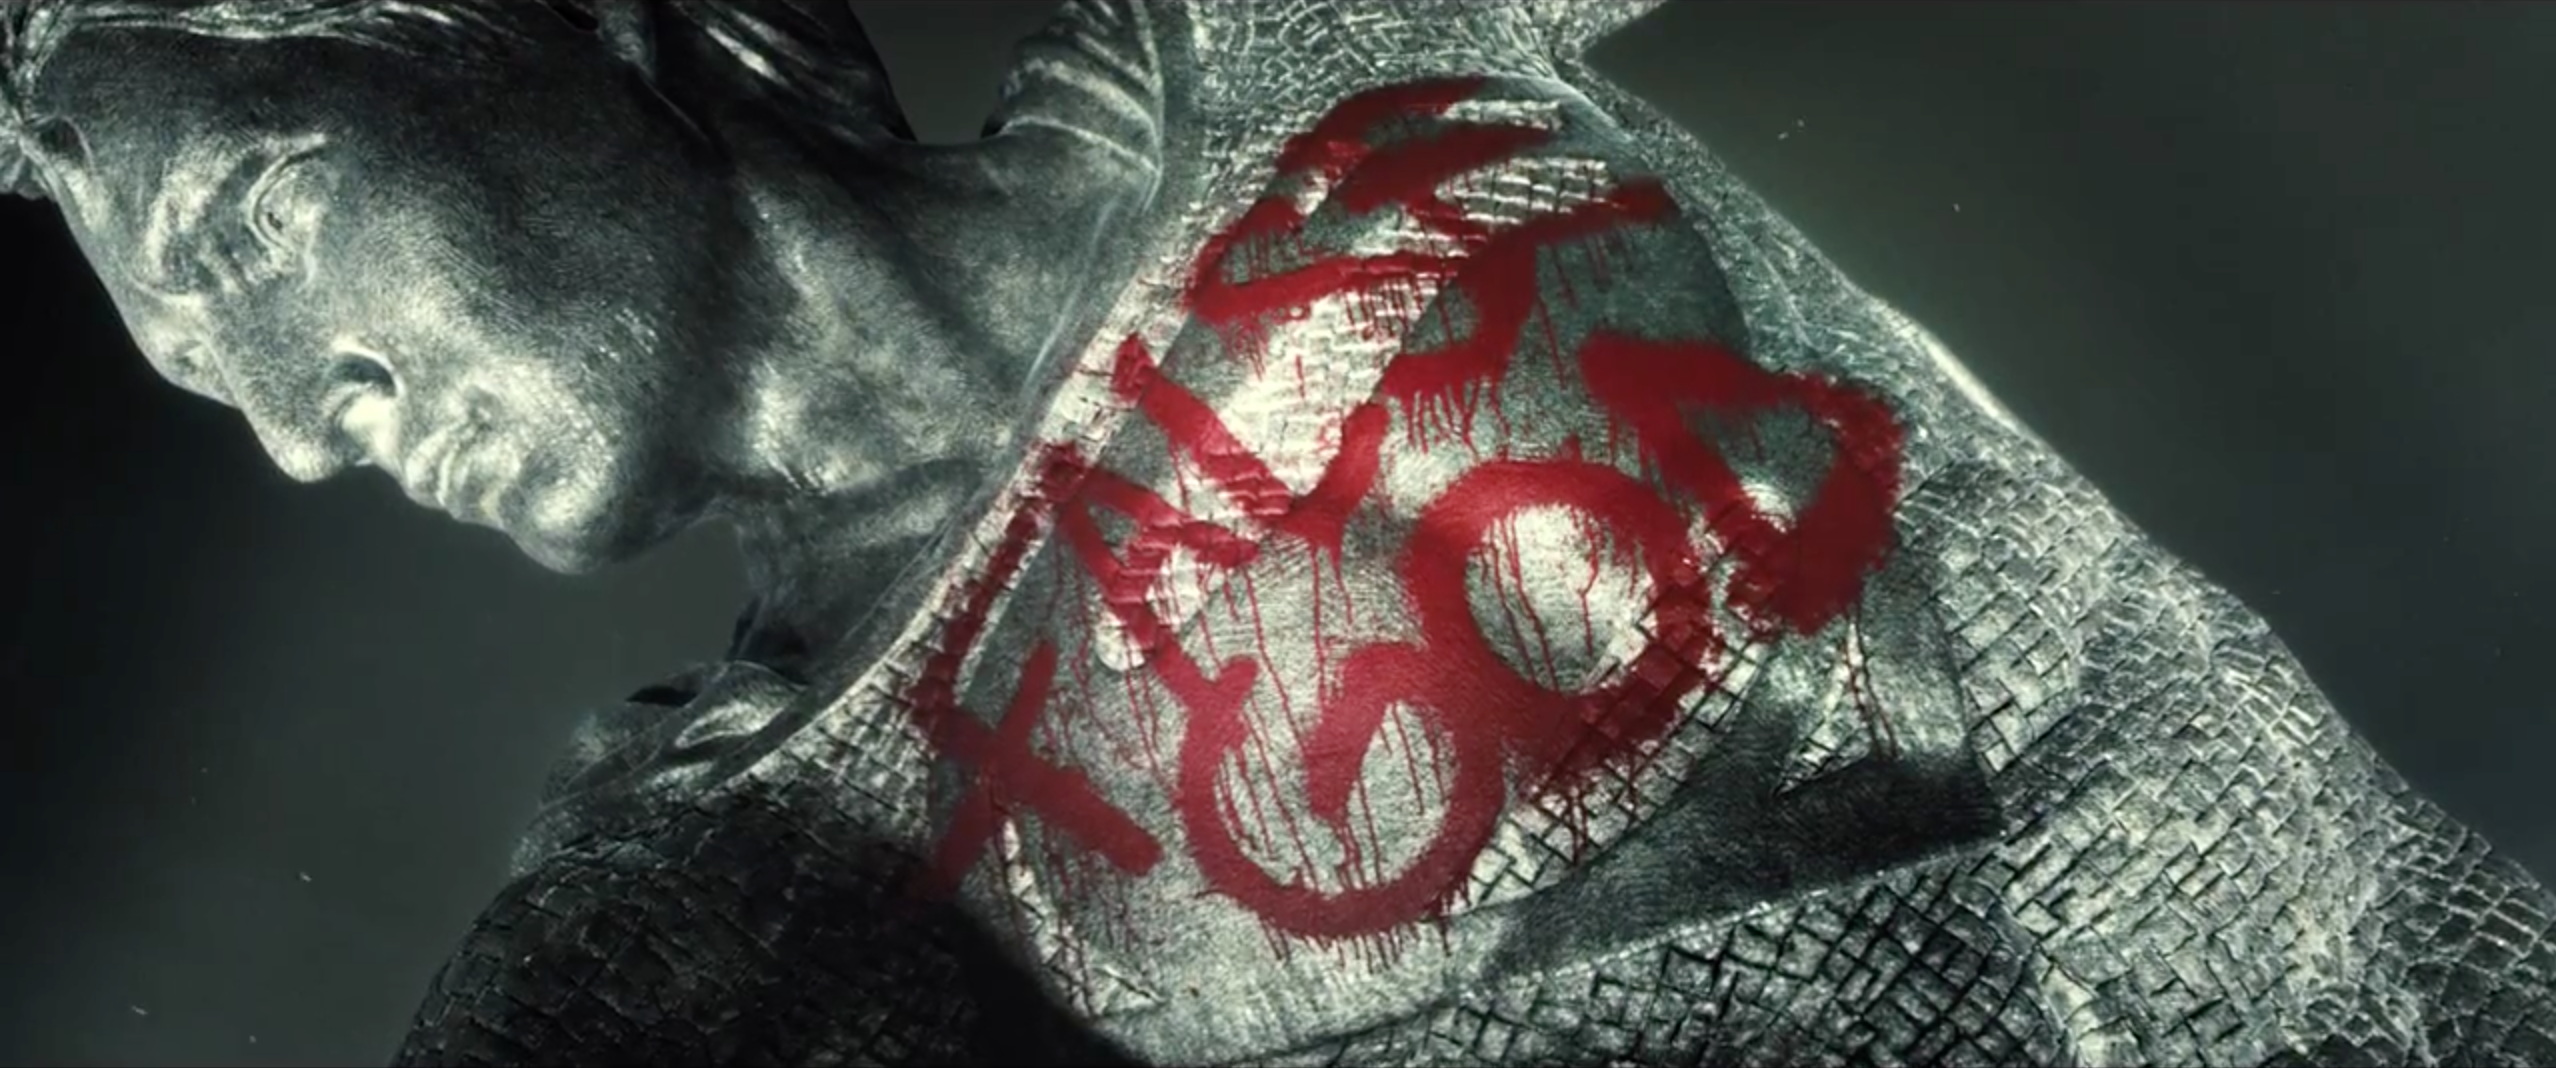 Batman v Superman: Dawn of Justice: un'immagine tratta dal trailer del film